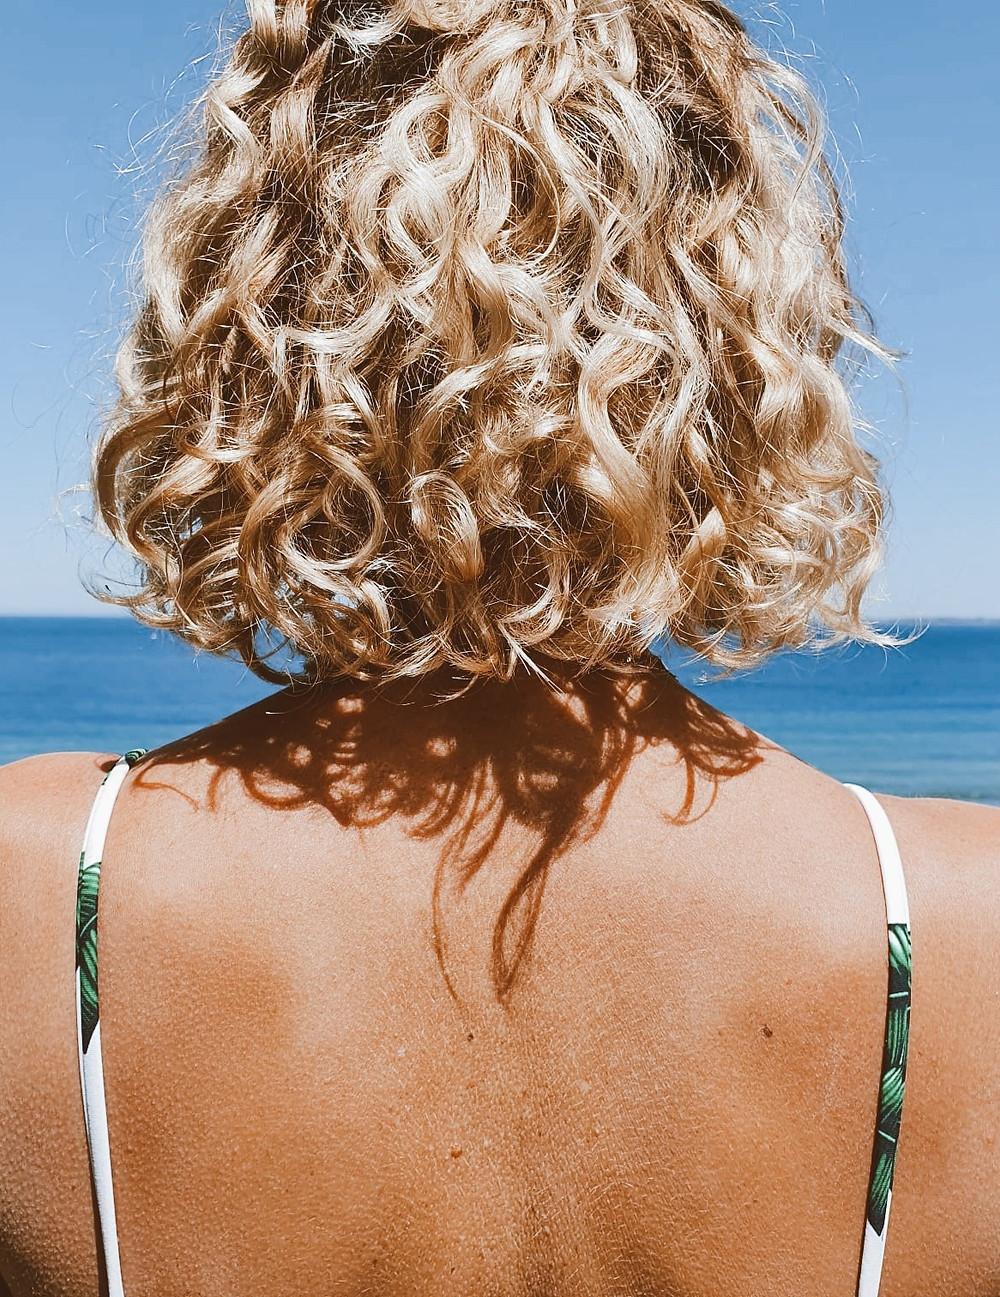 crèmes solaires bio vs conventionnels. Filtres chimiques et minerals. se protéger du soleil